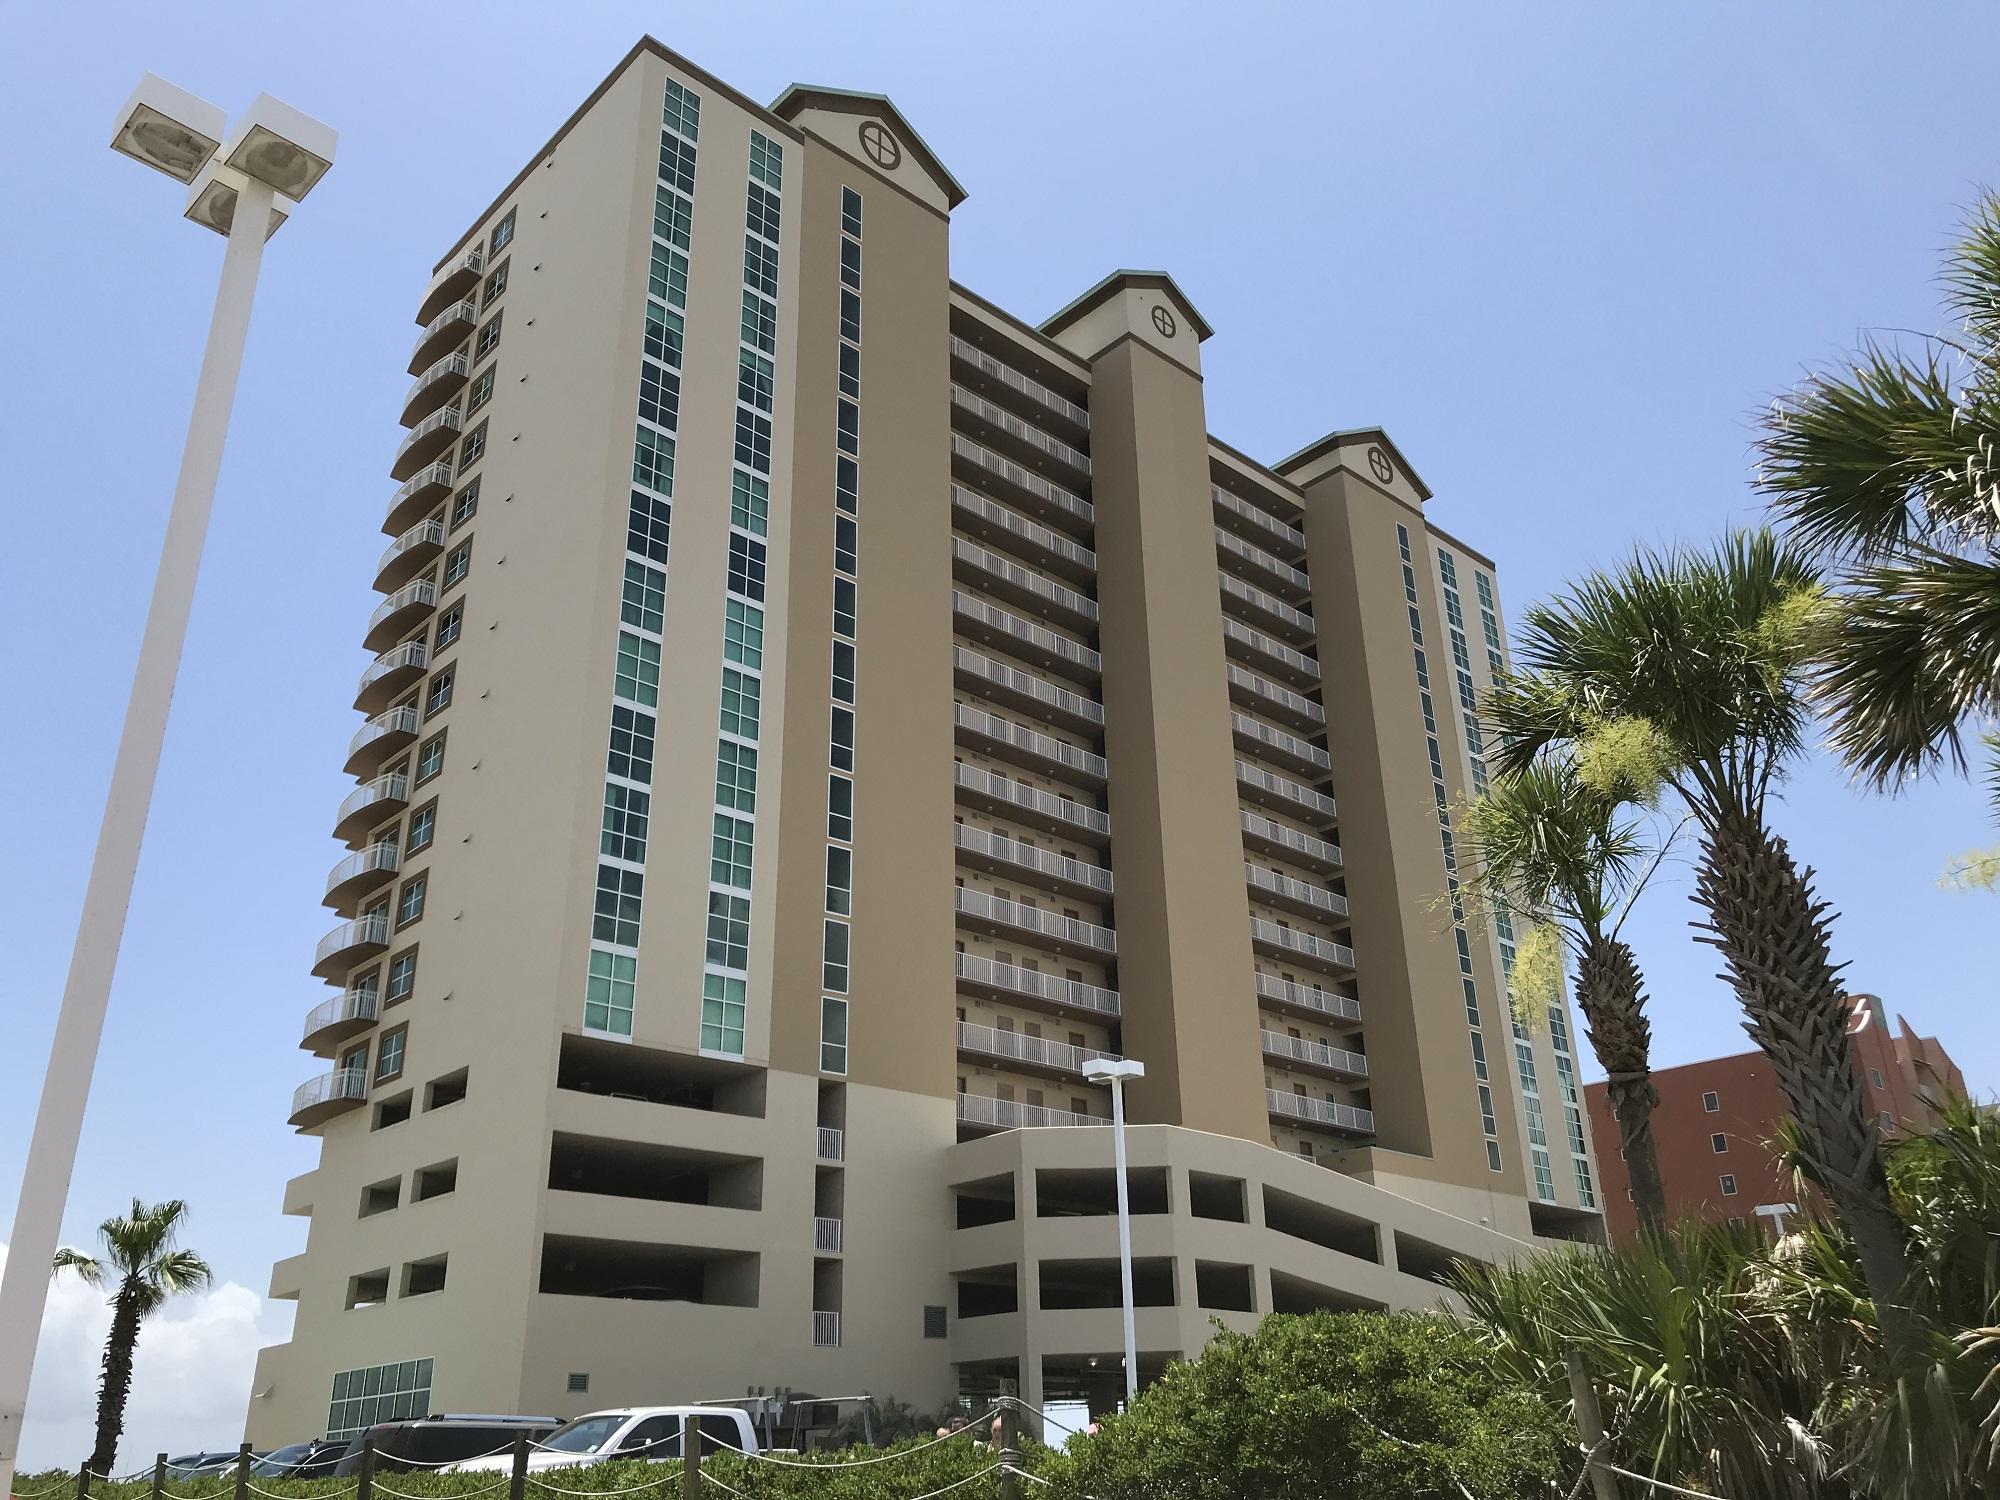 Crystal Shores West 1302 Condo rental in Crystal Shores West  in Gulf Shores Alabama - #47